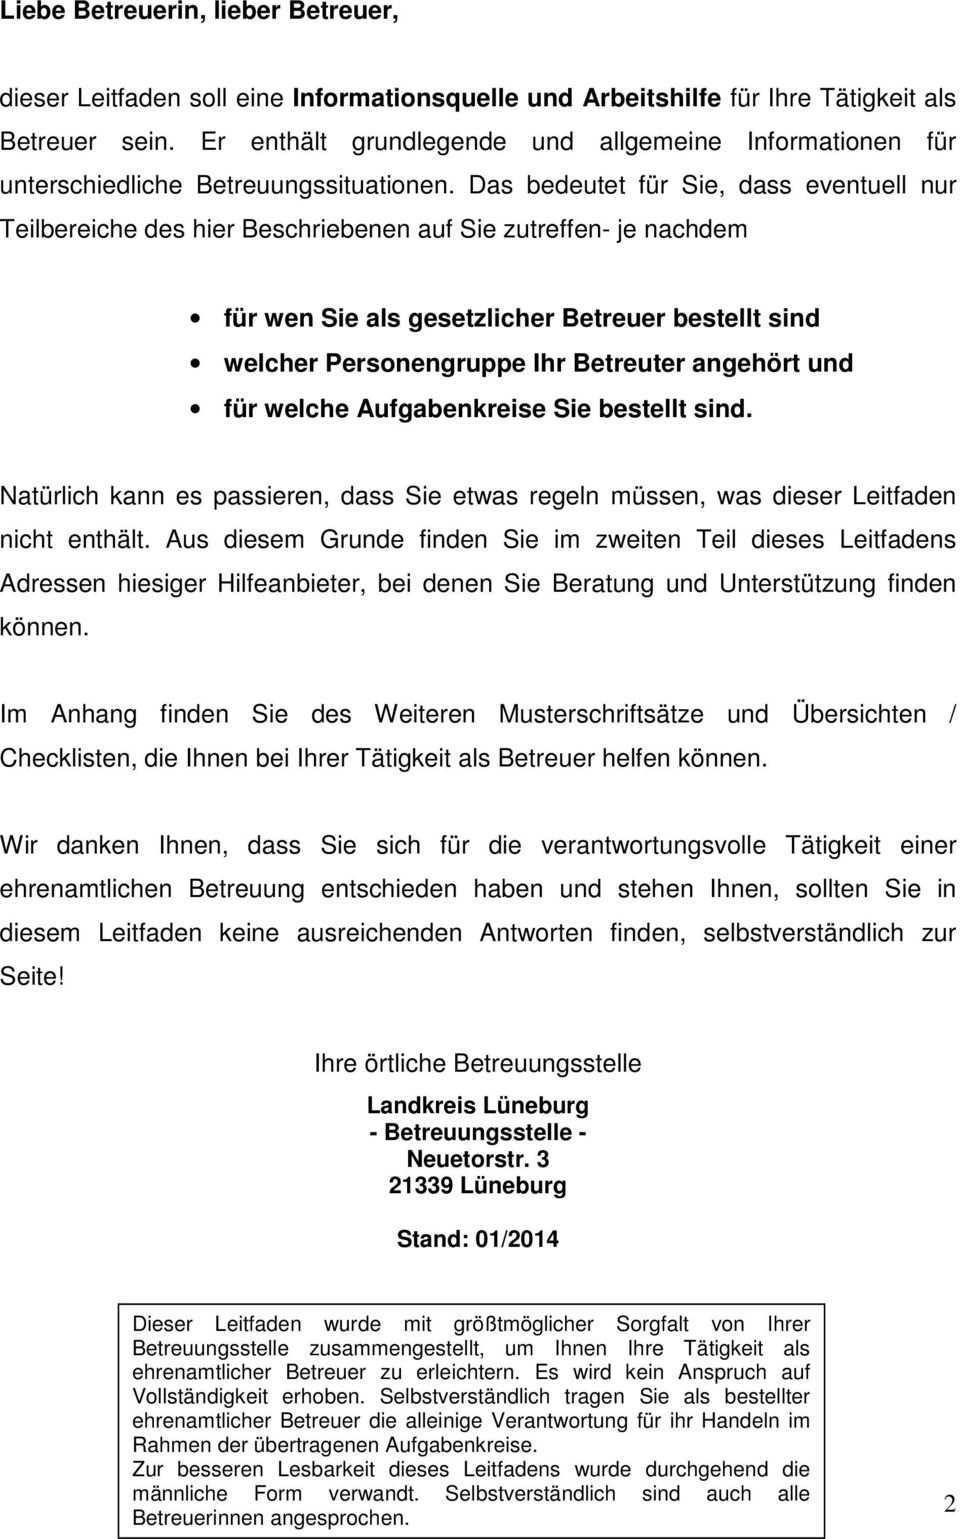 Leitfaden Fur Ehrenamtliche Betreuerinnen Und Betreuer Landkreis Luneburg Betreuungsstelle Pdf Free Download